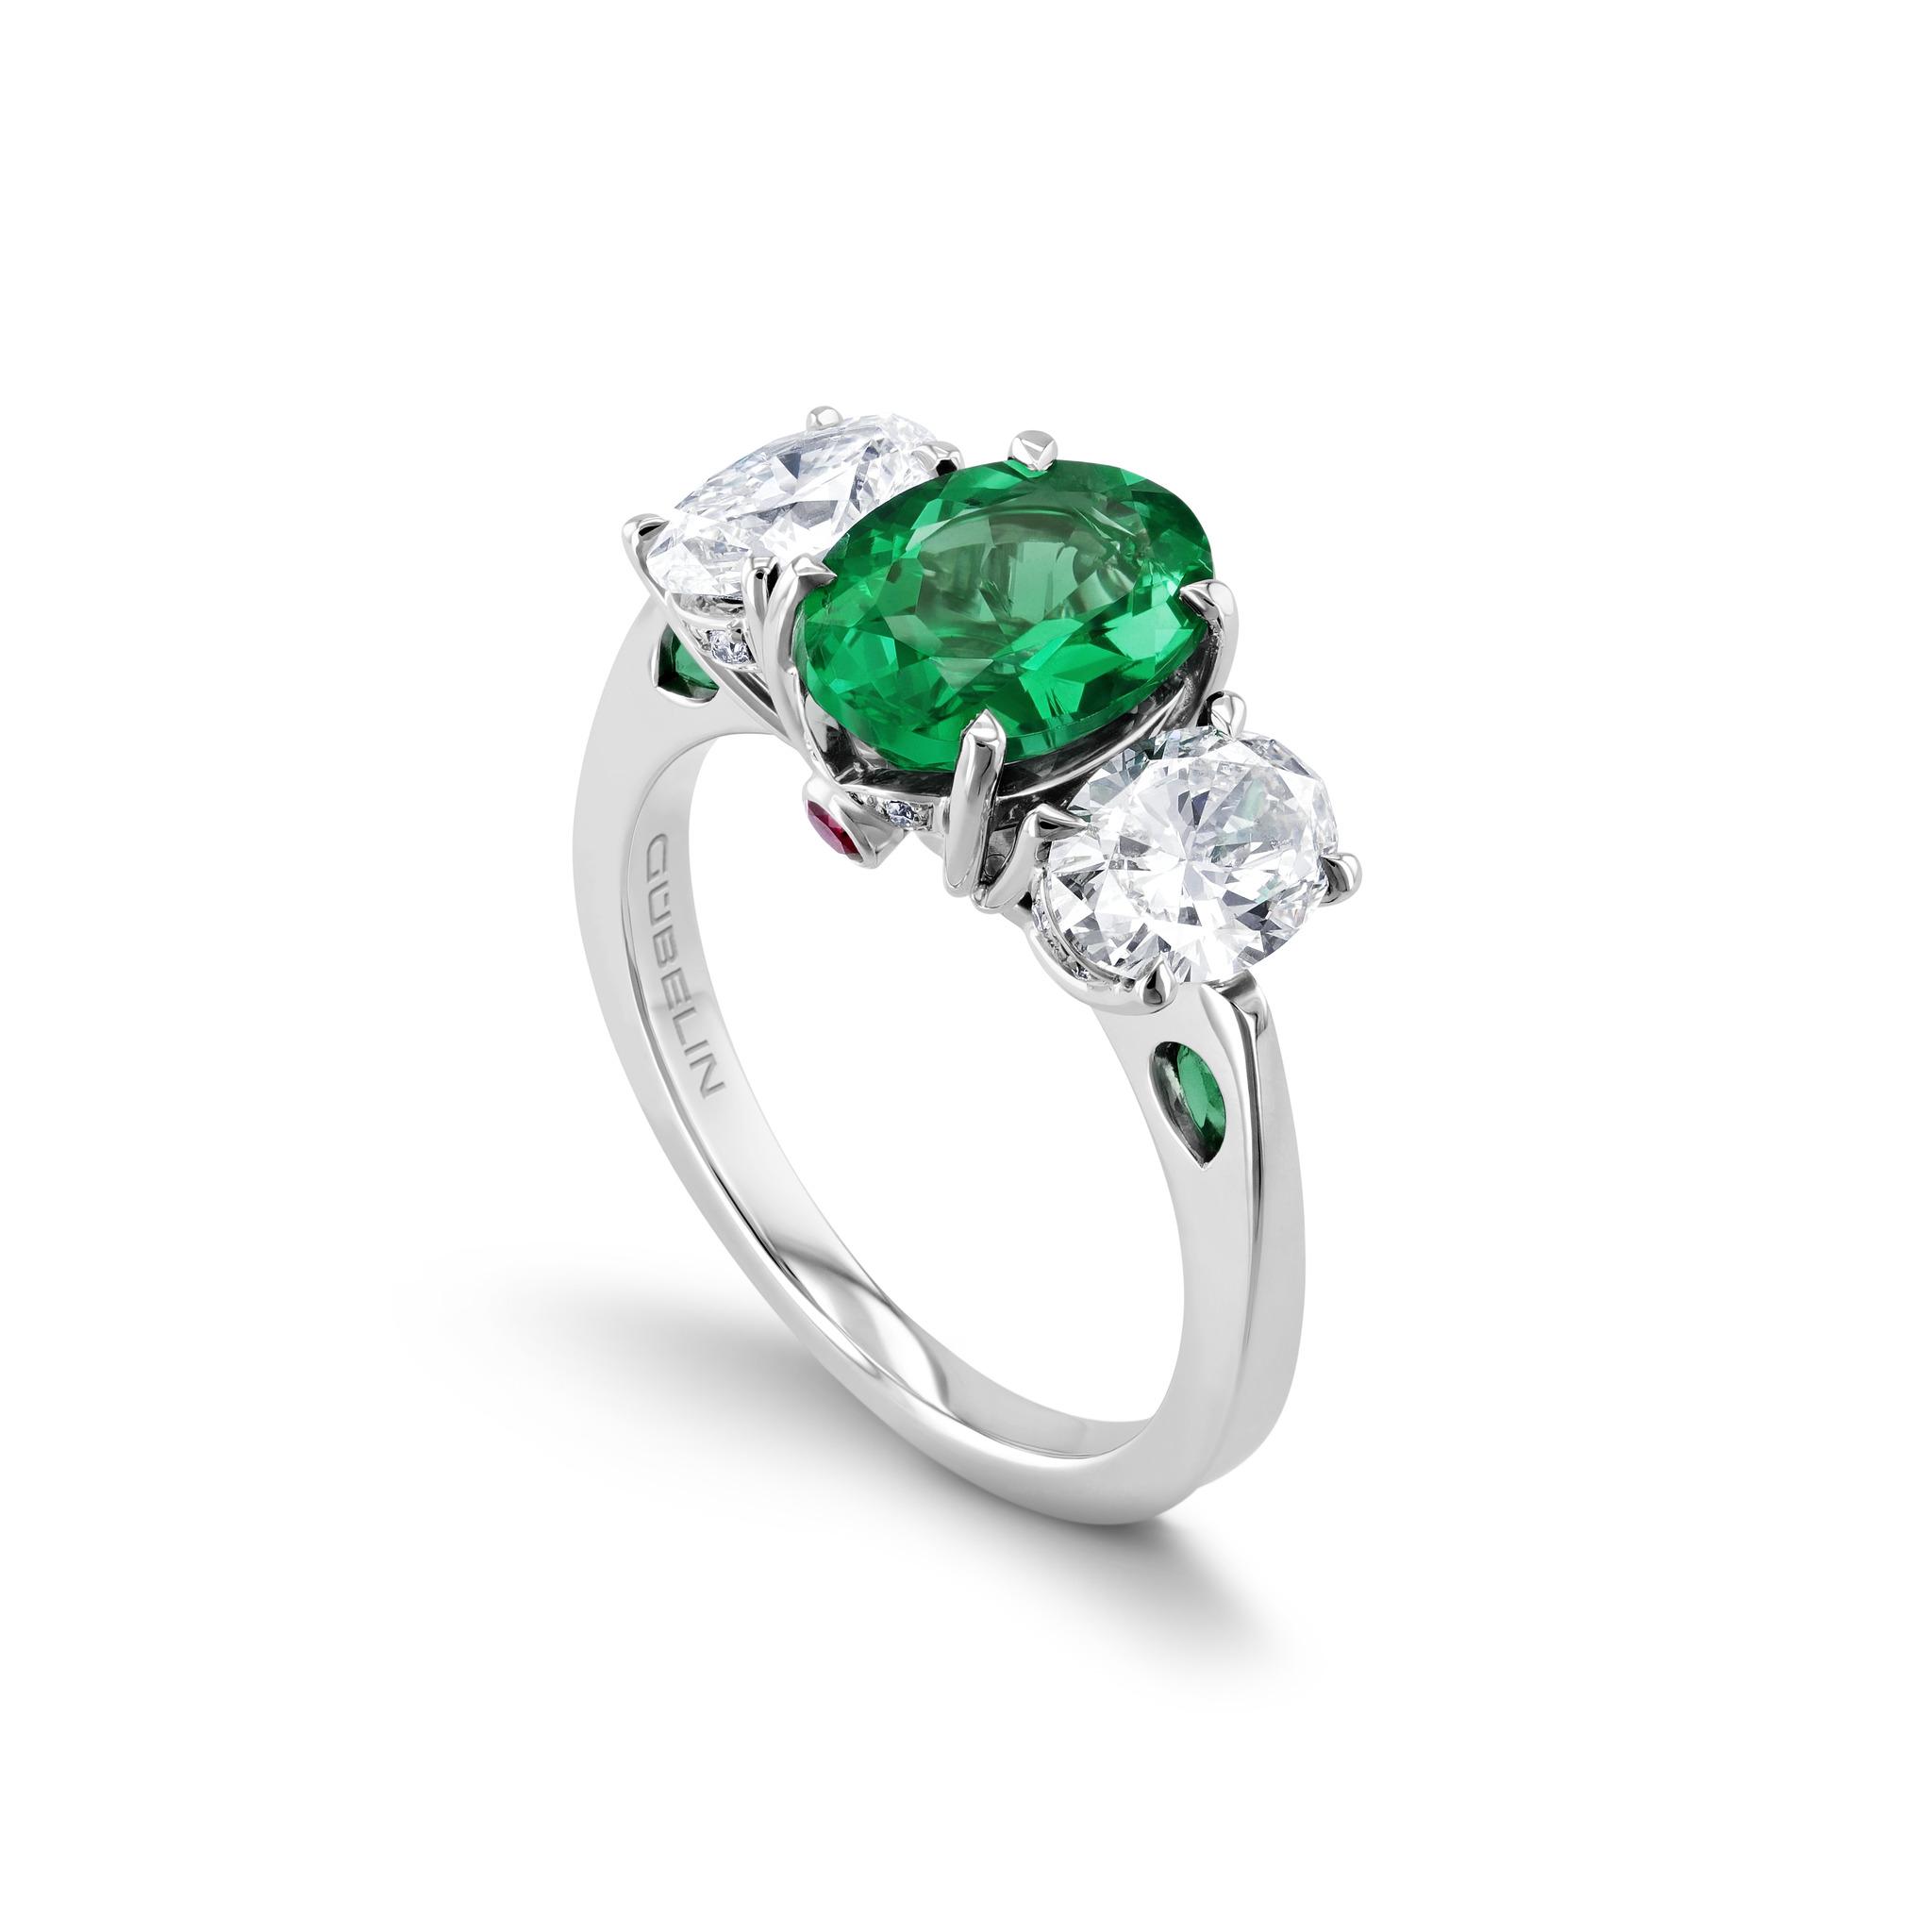 祖母绿戒指